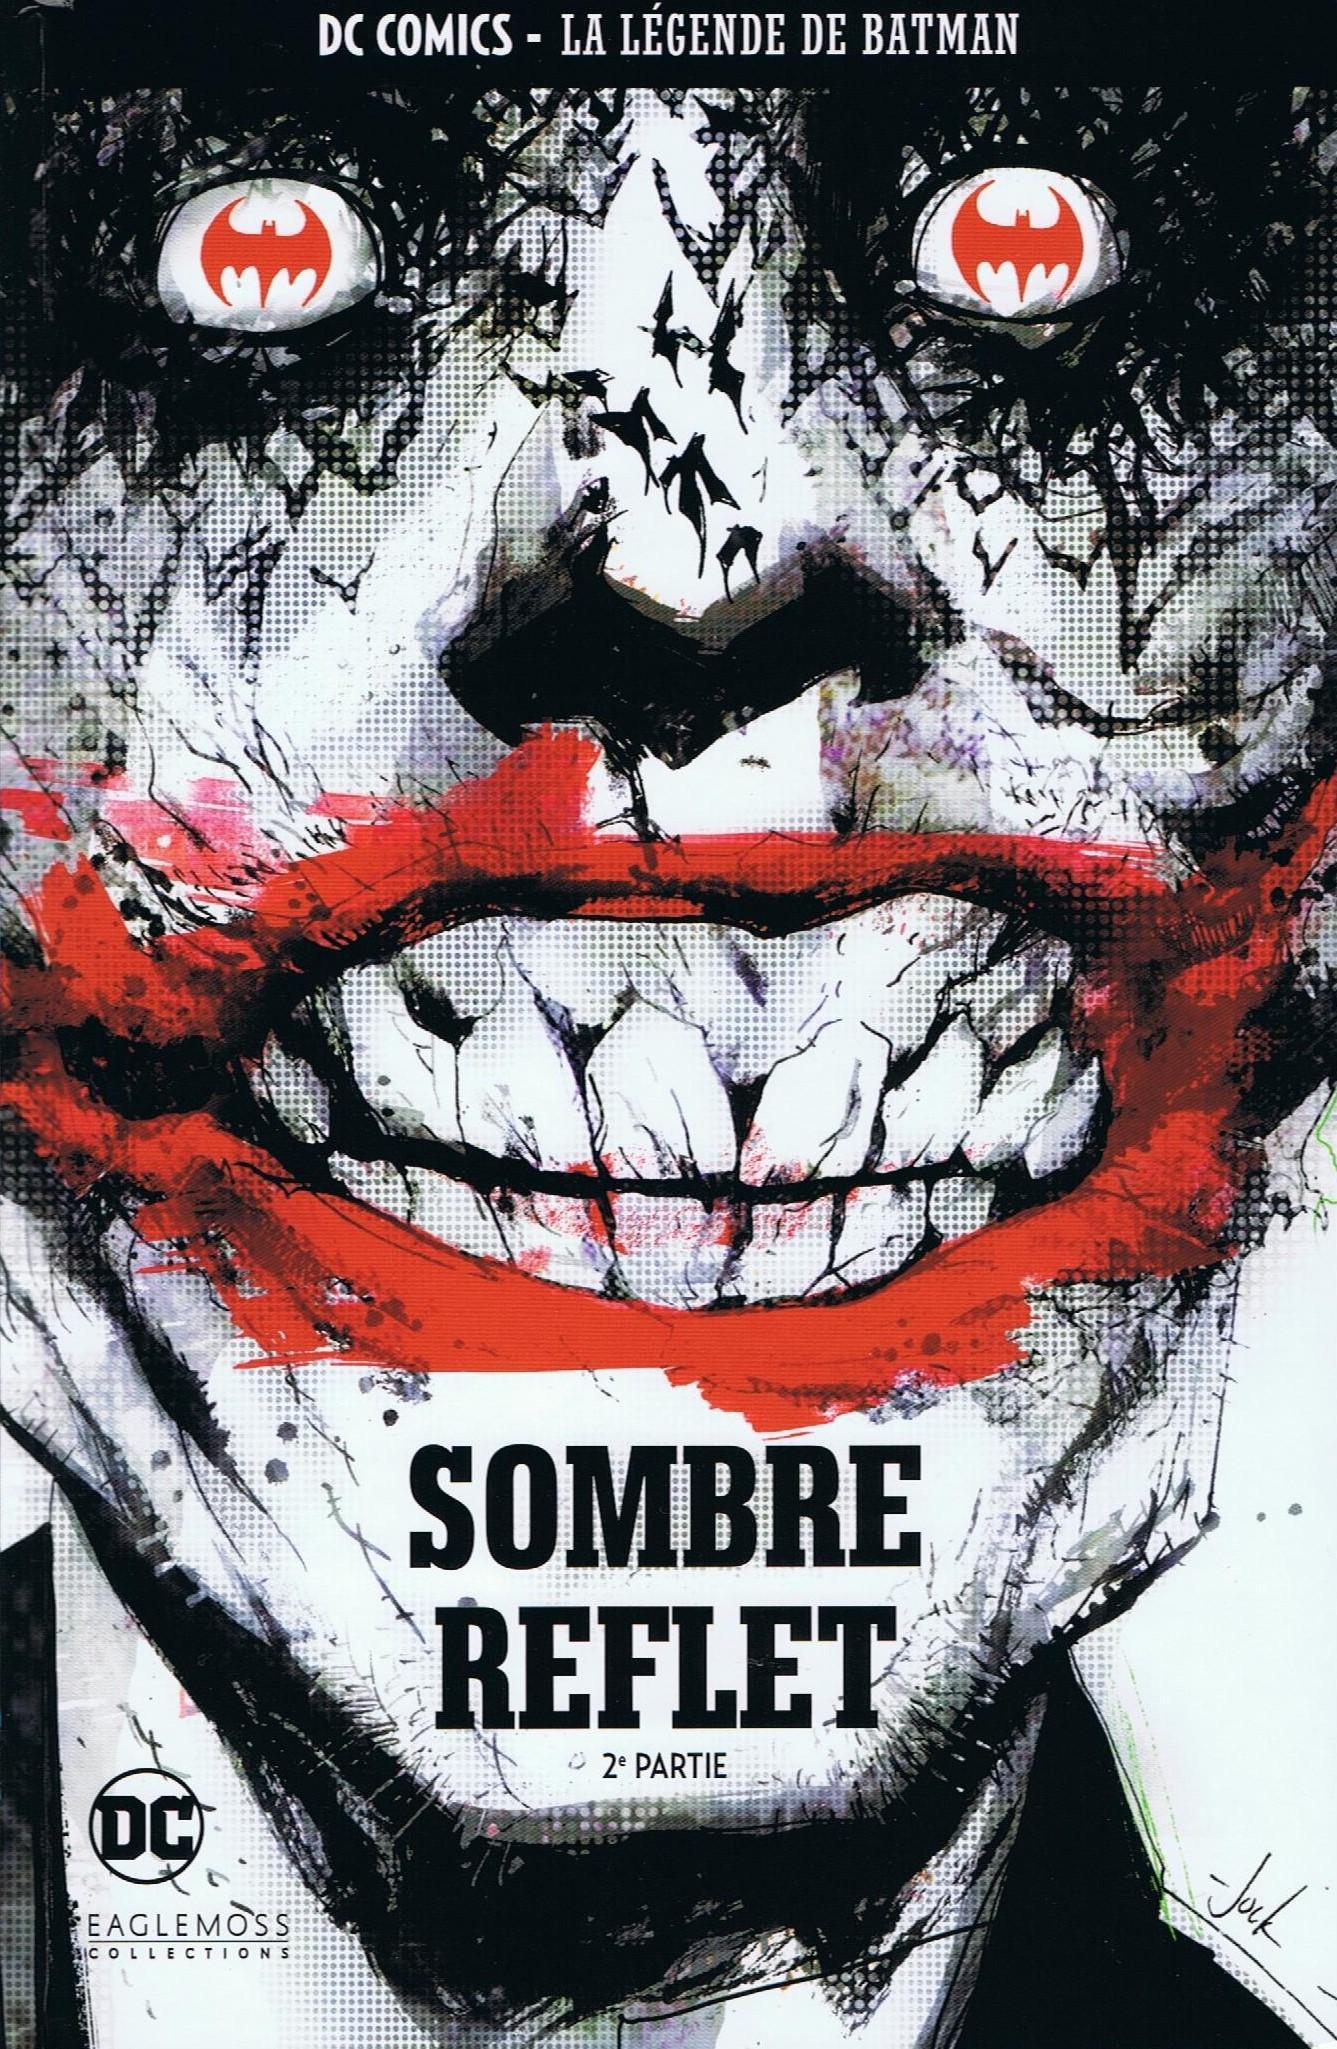 DC Comics - La Légende de Batman 57 - Sombre reflet - 2e partie